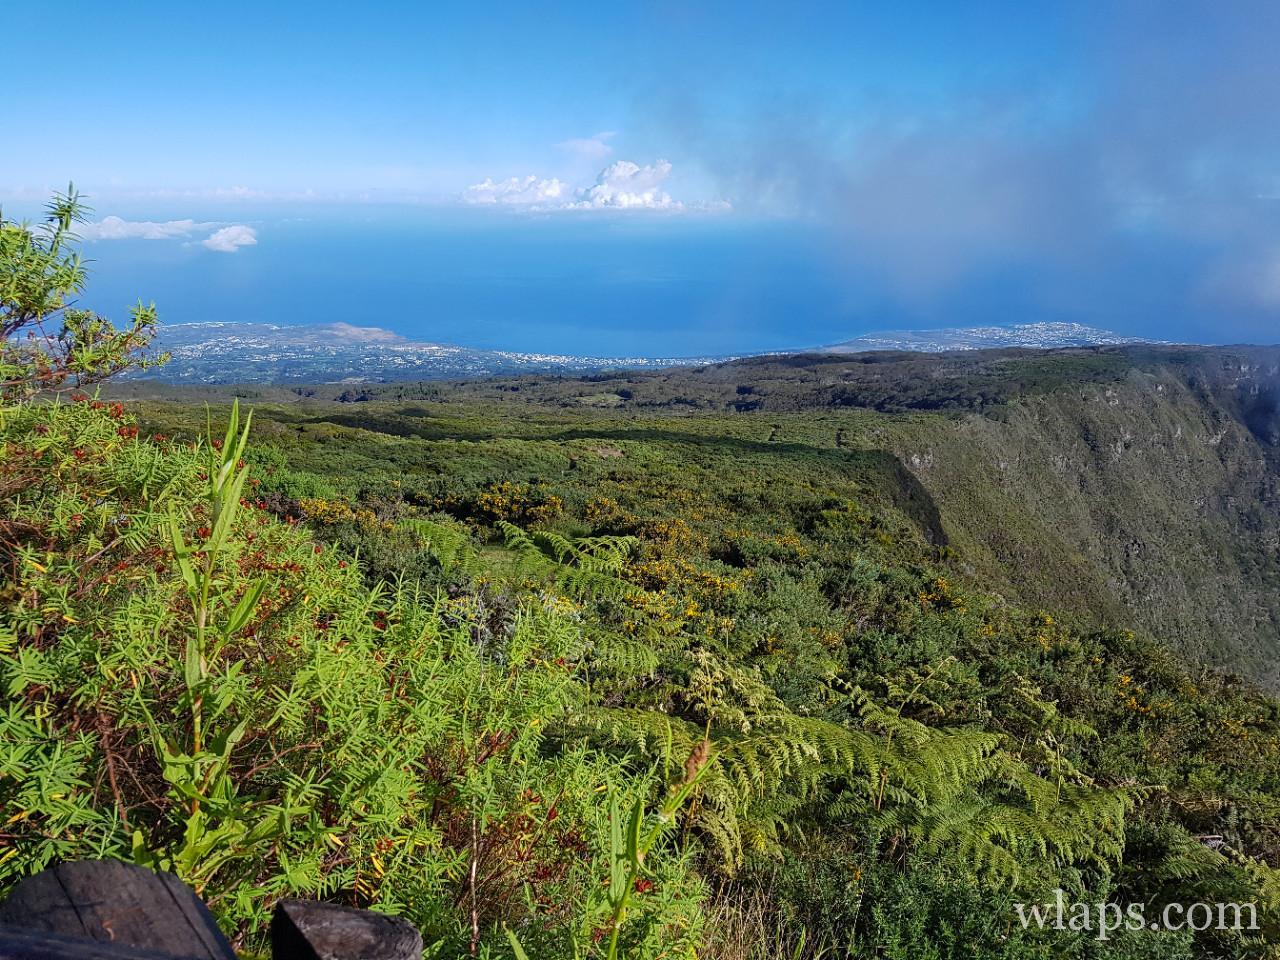 Randonnée à l'ile de la Réunion